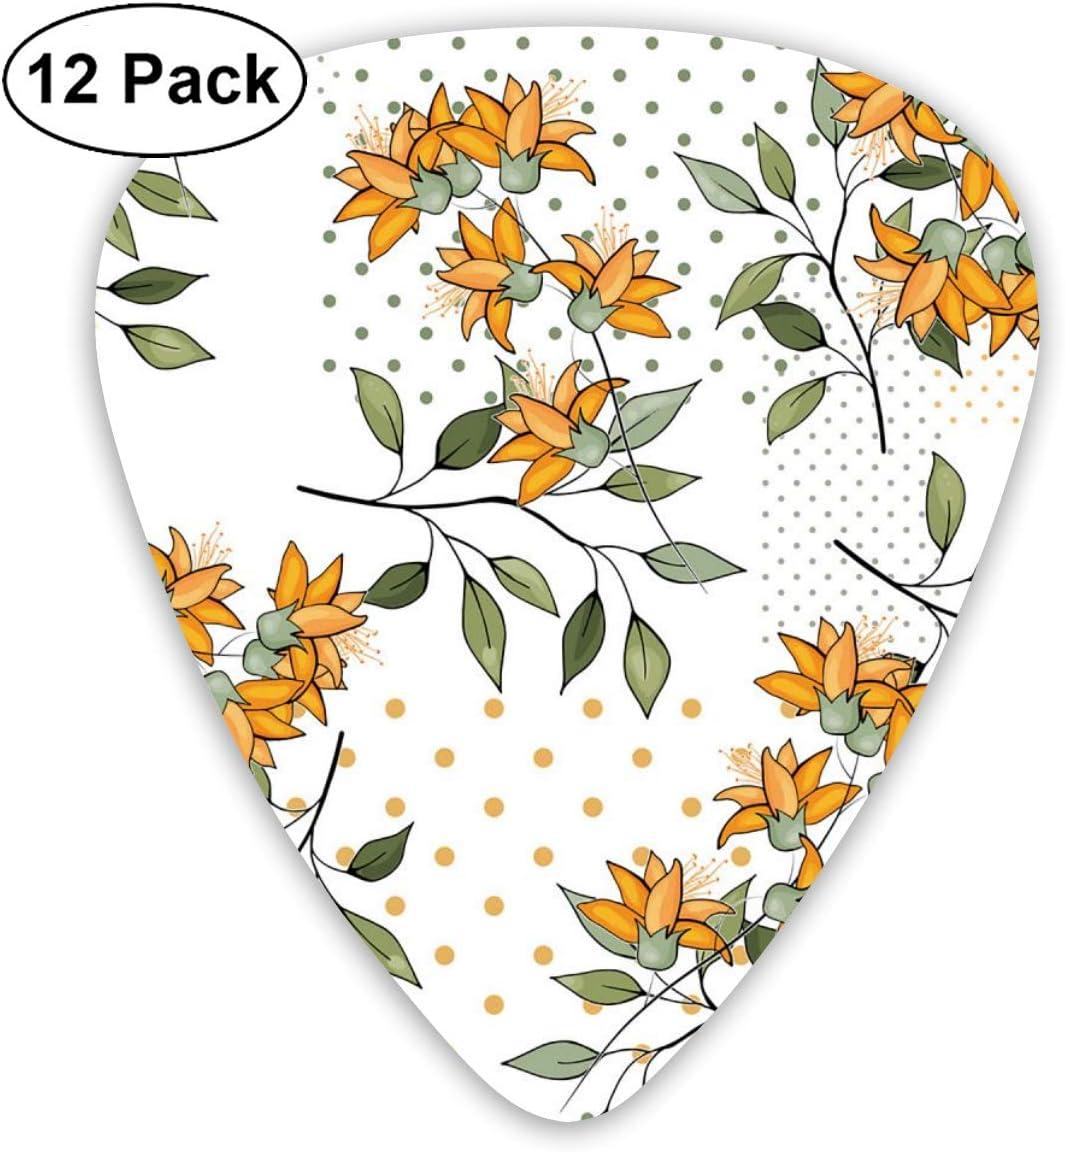 Houity Guitarra Pick Blooming Wild Floral Memphis Print Trendy Polka 12 Piezas Juego de Pala de Guitarra Hecha de Material ABS de protección del Medio Ambiente, Apto para Guitarras, Cuadros, etc.